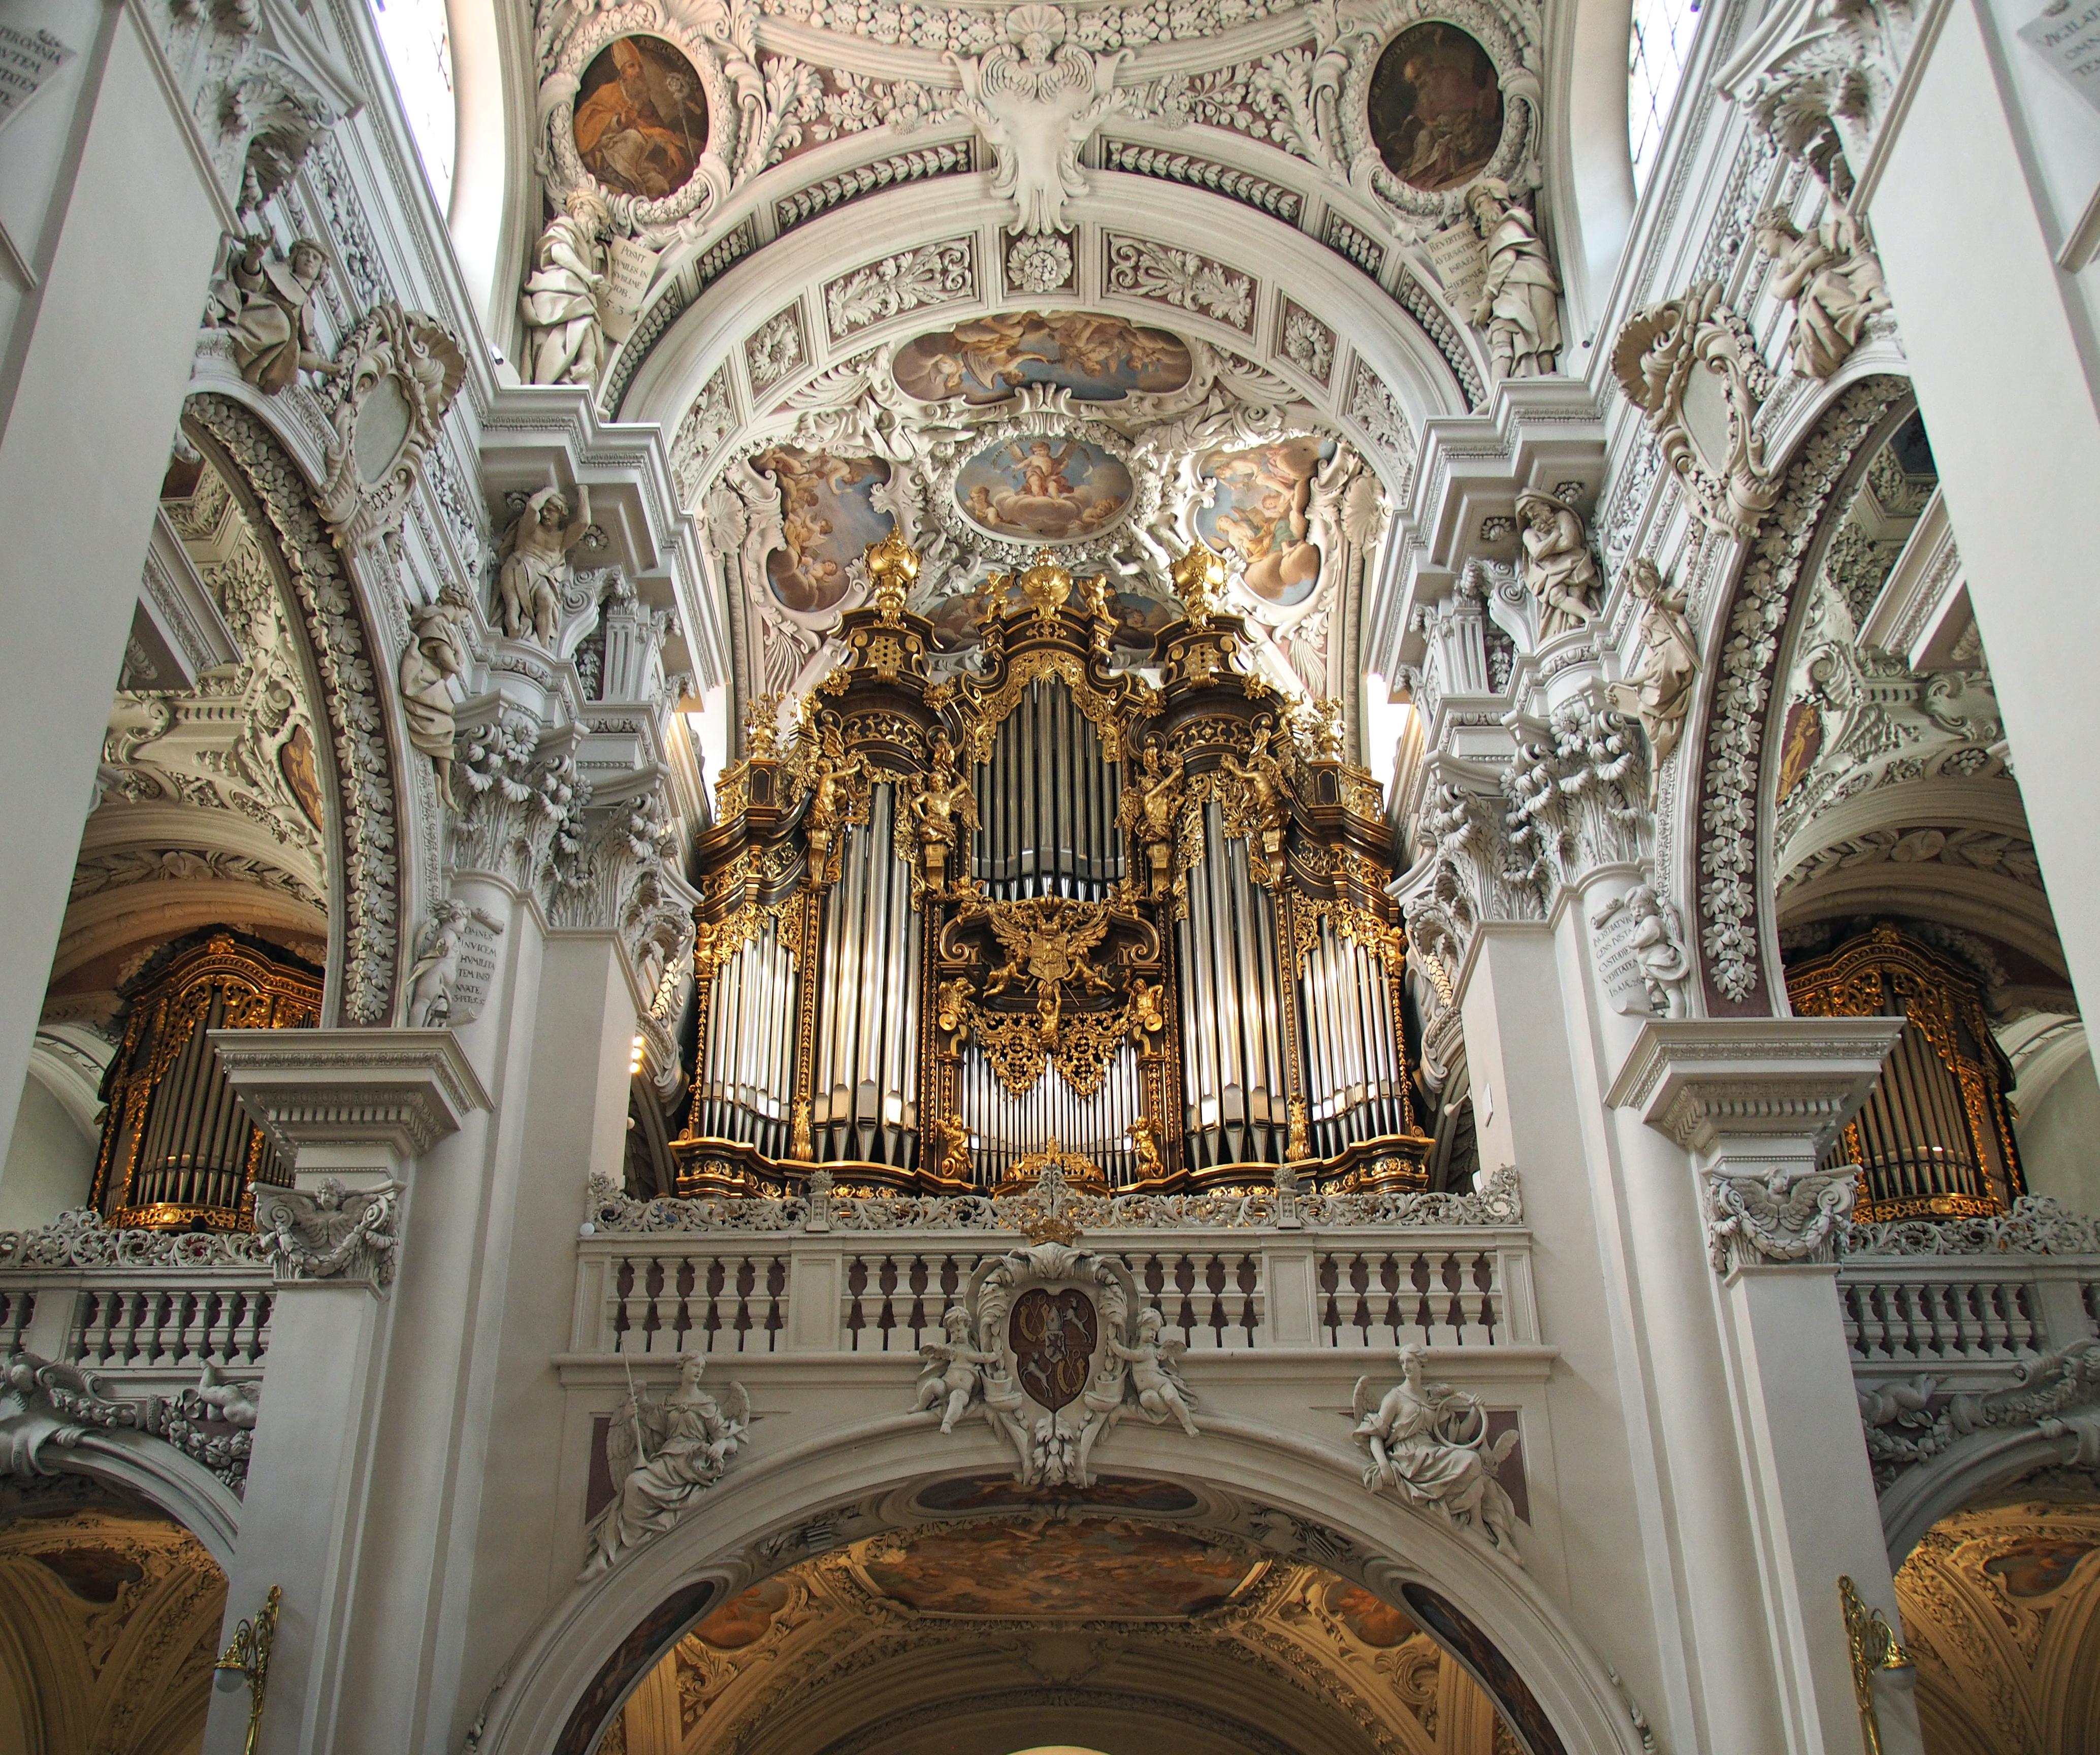 Orgel ähnliches instrument mit brennenden pfeifen